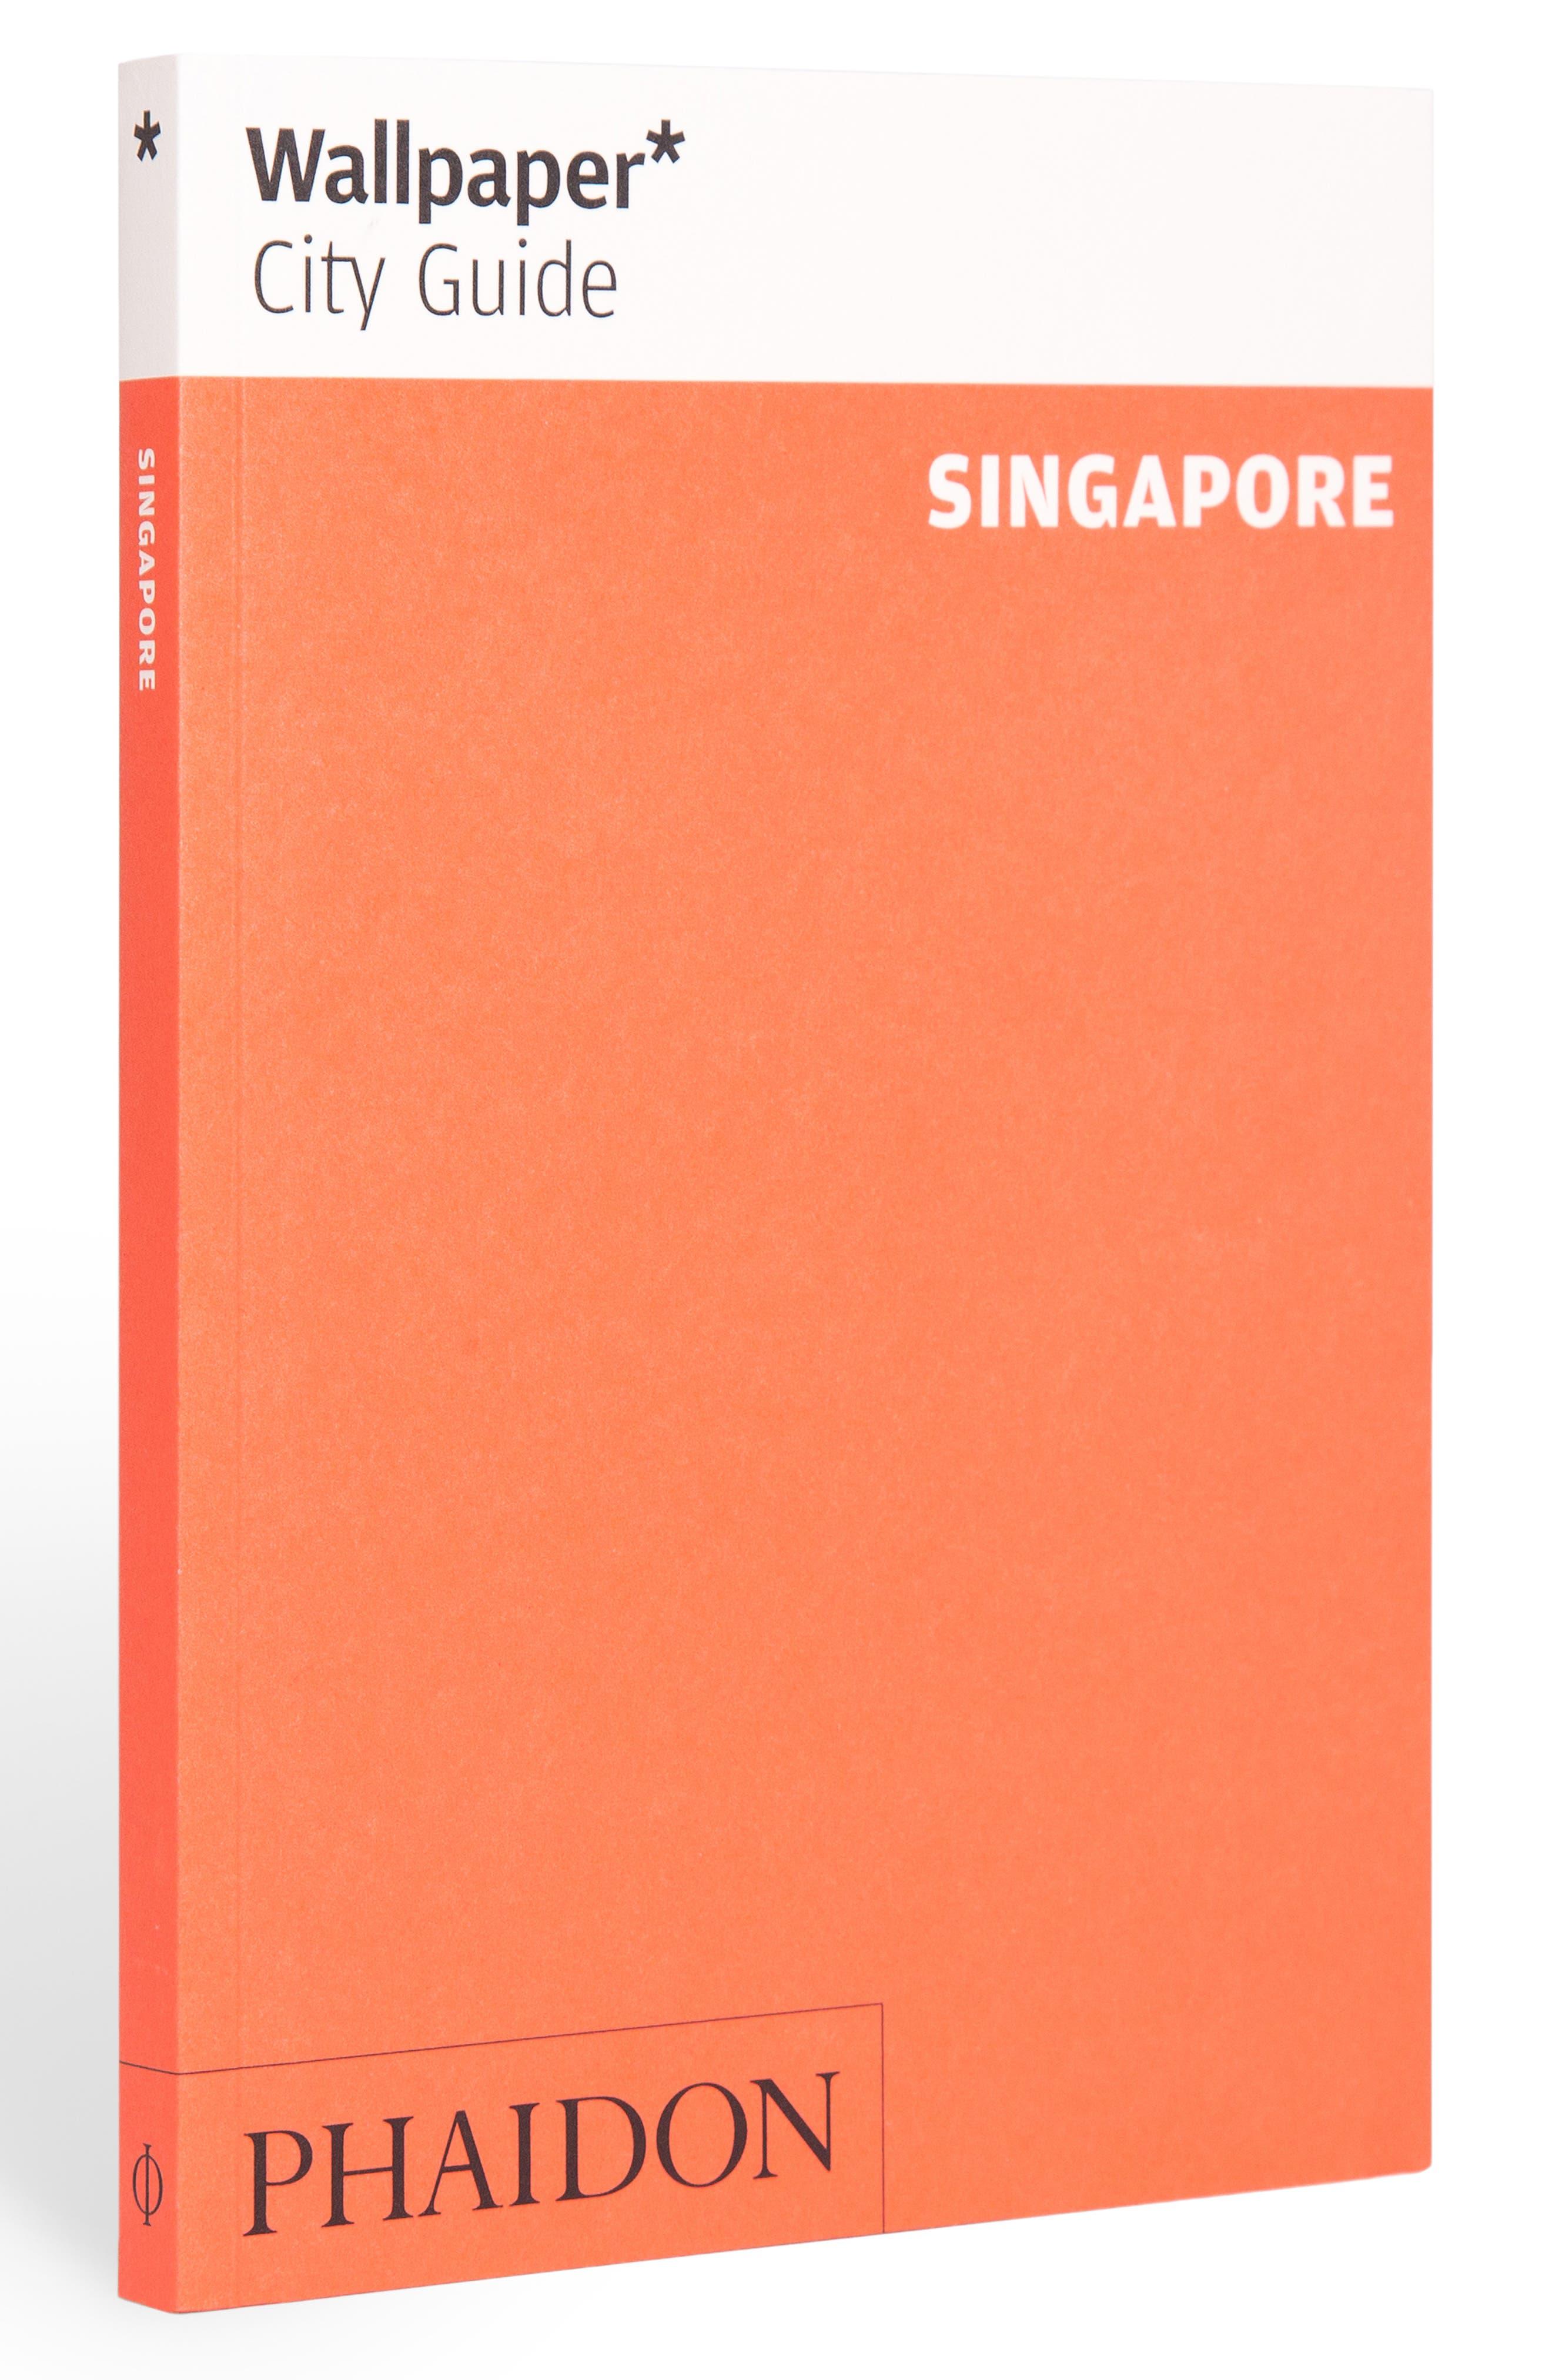 ISBN 9780714873824